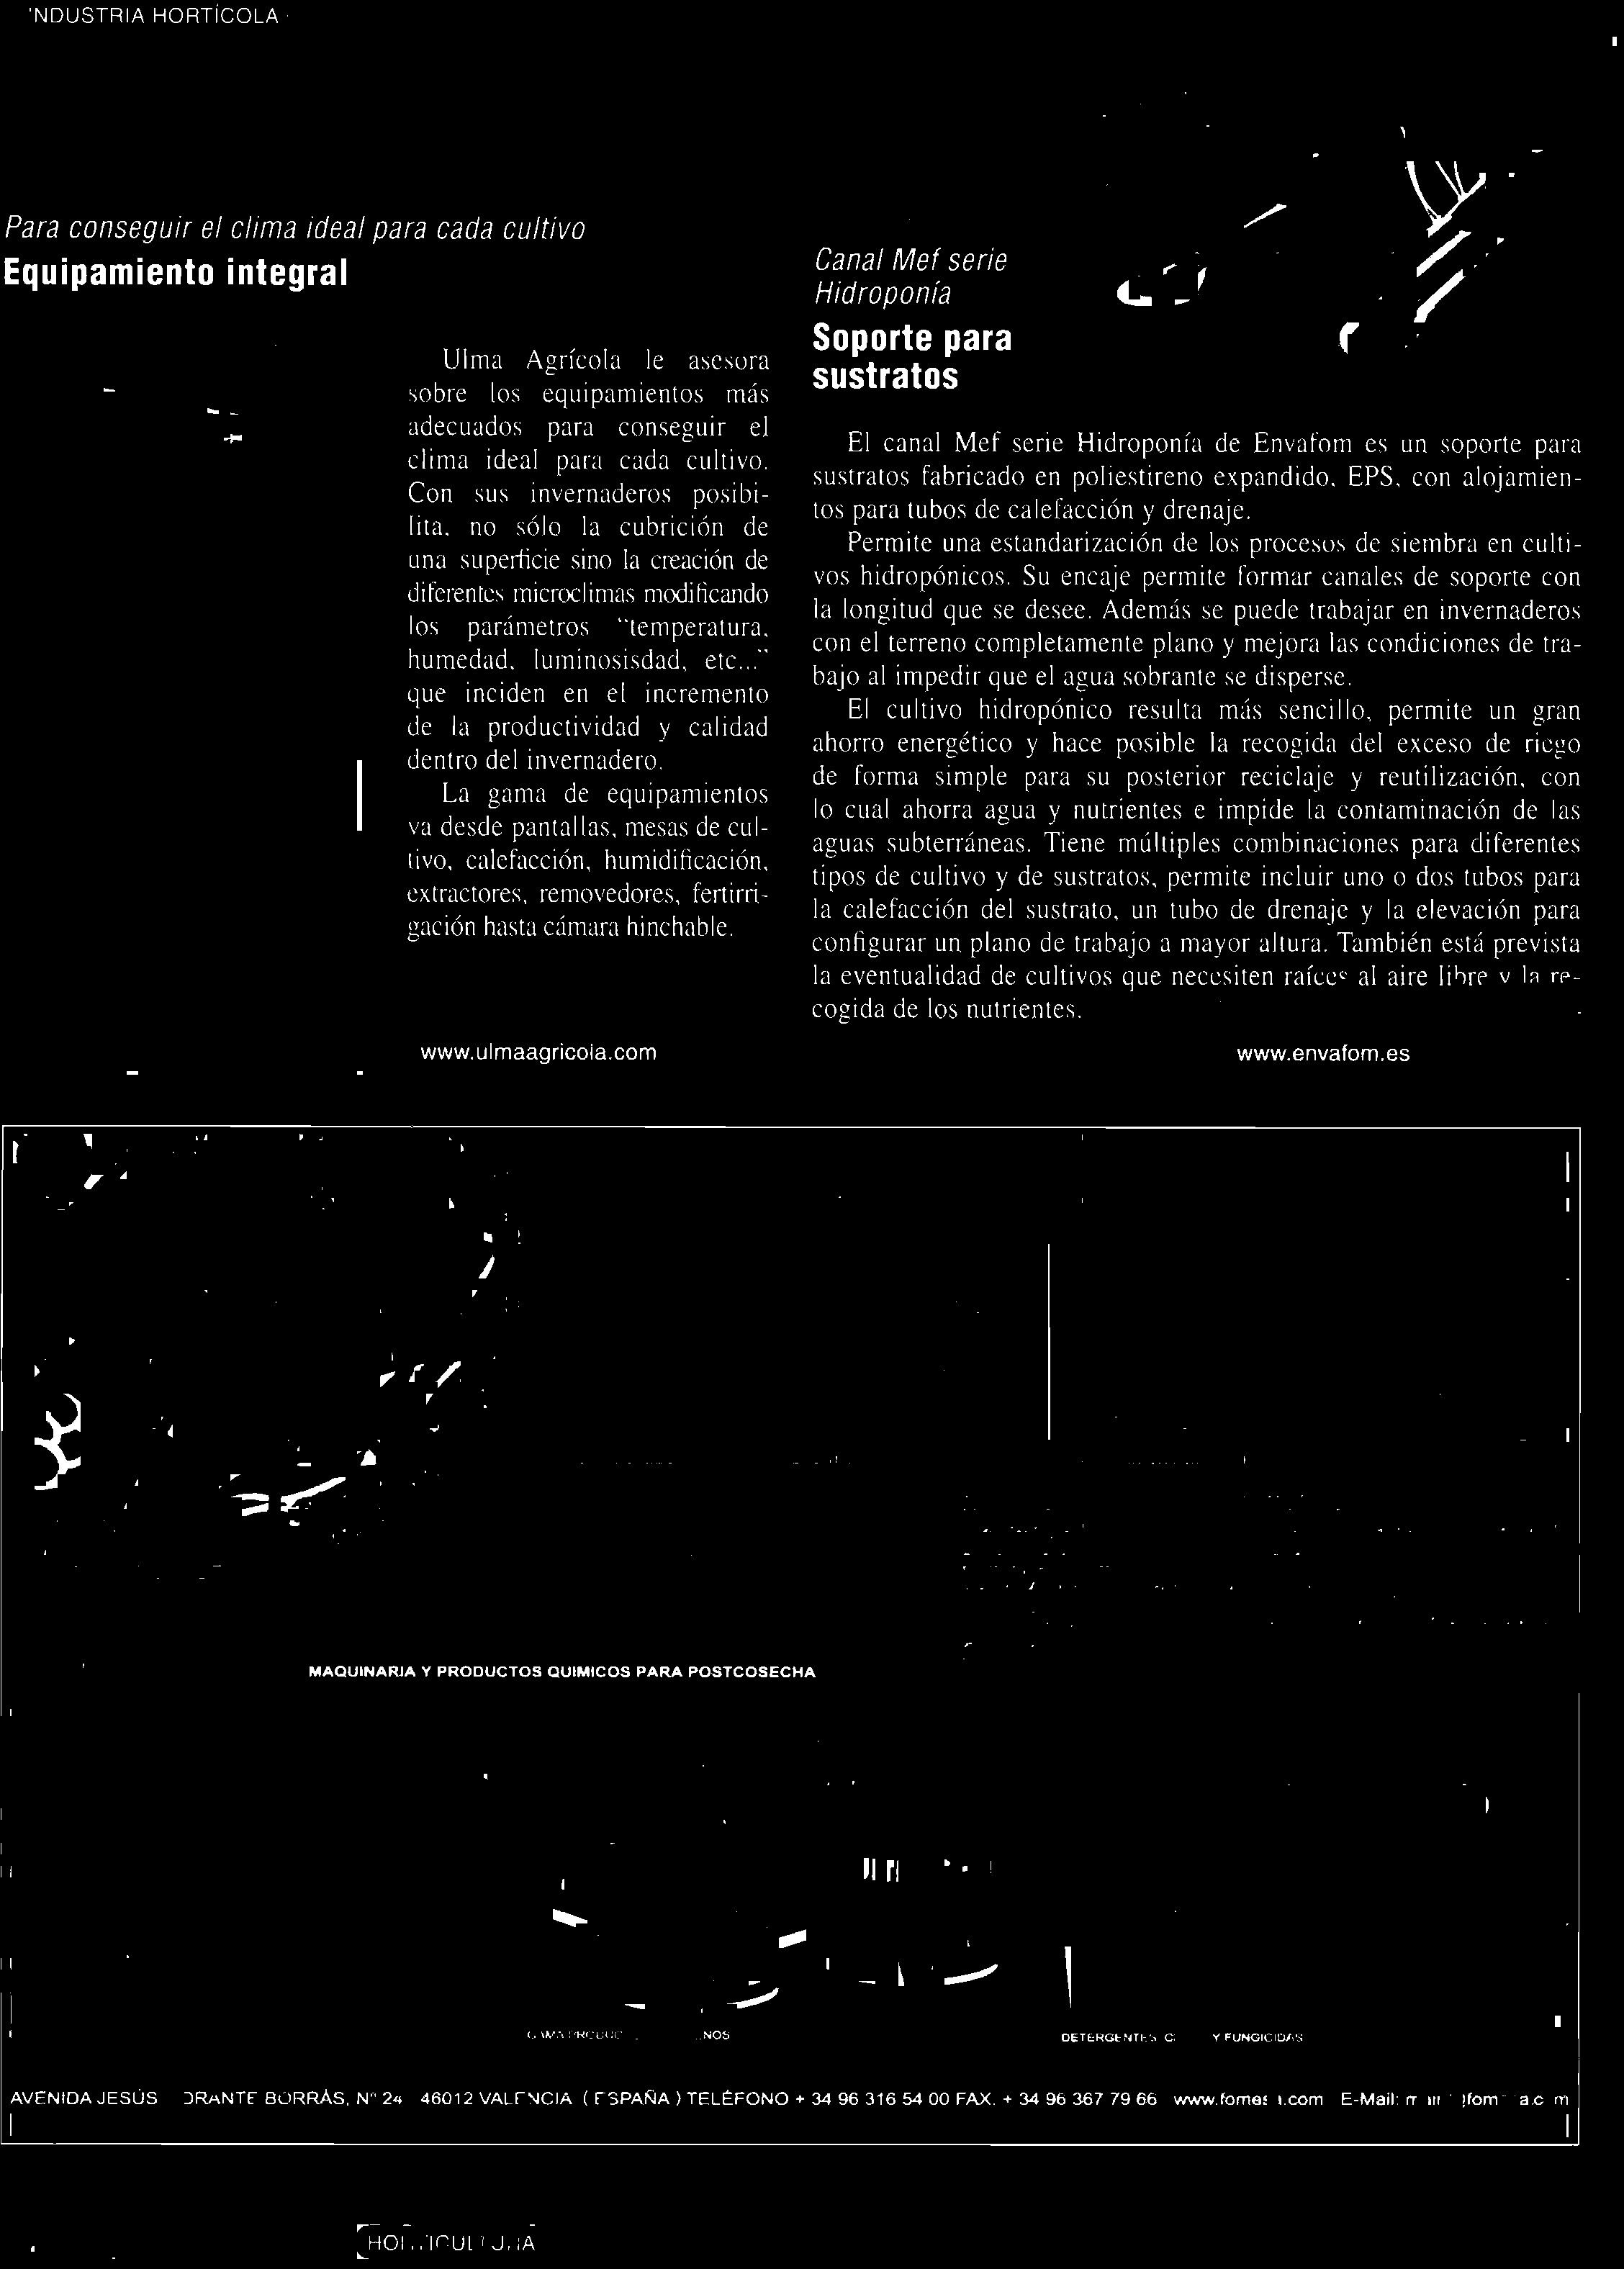 Calendario Lunar Febrero 2019 España Más Actual J Jj J R Iiii11i F 7 Pdf Of Calendario Lunar Febrero 2019 España Recientes Hilo De Internet [archivo] foros De Economa Hipotecas Y Bolsa